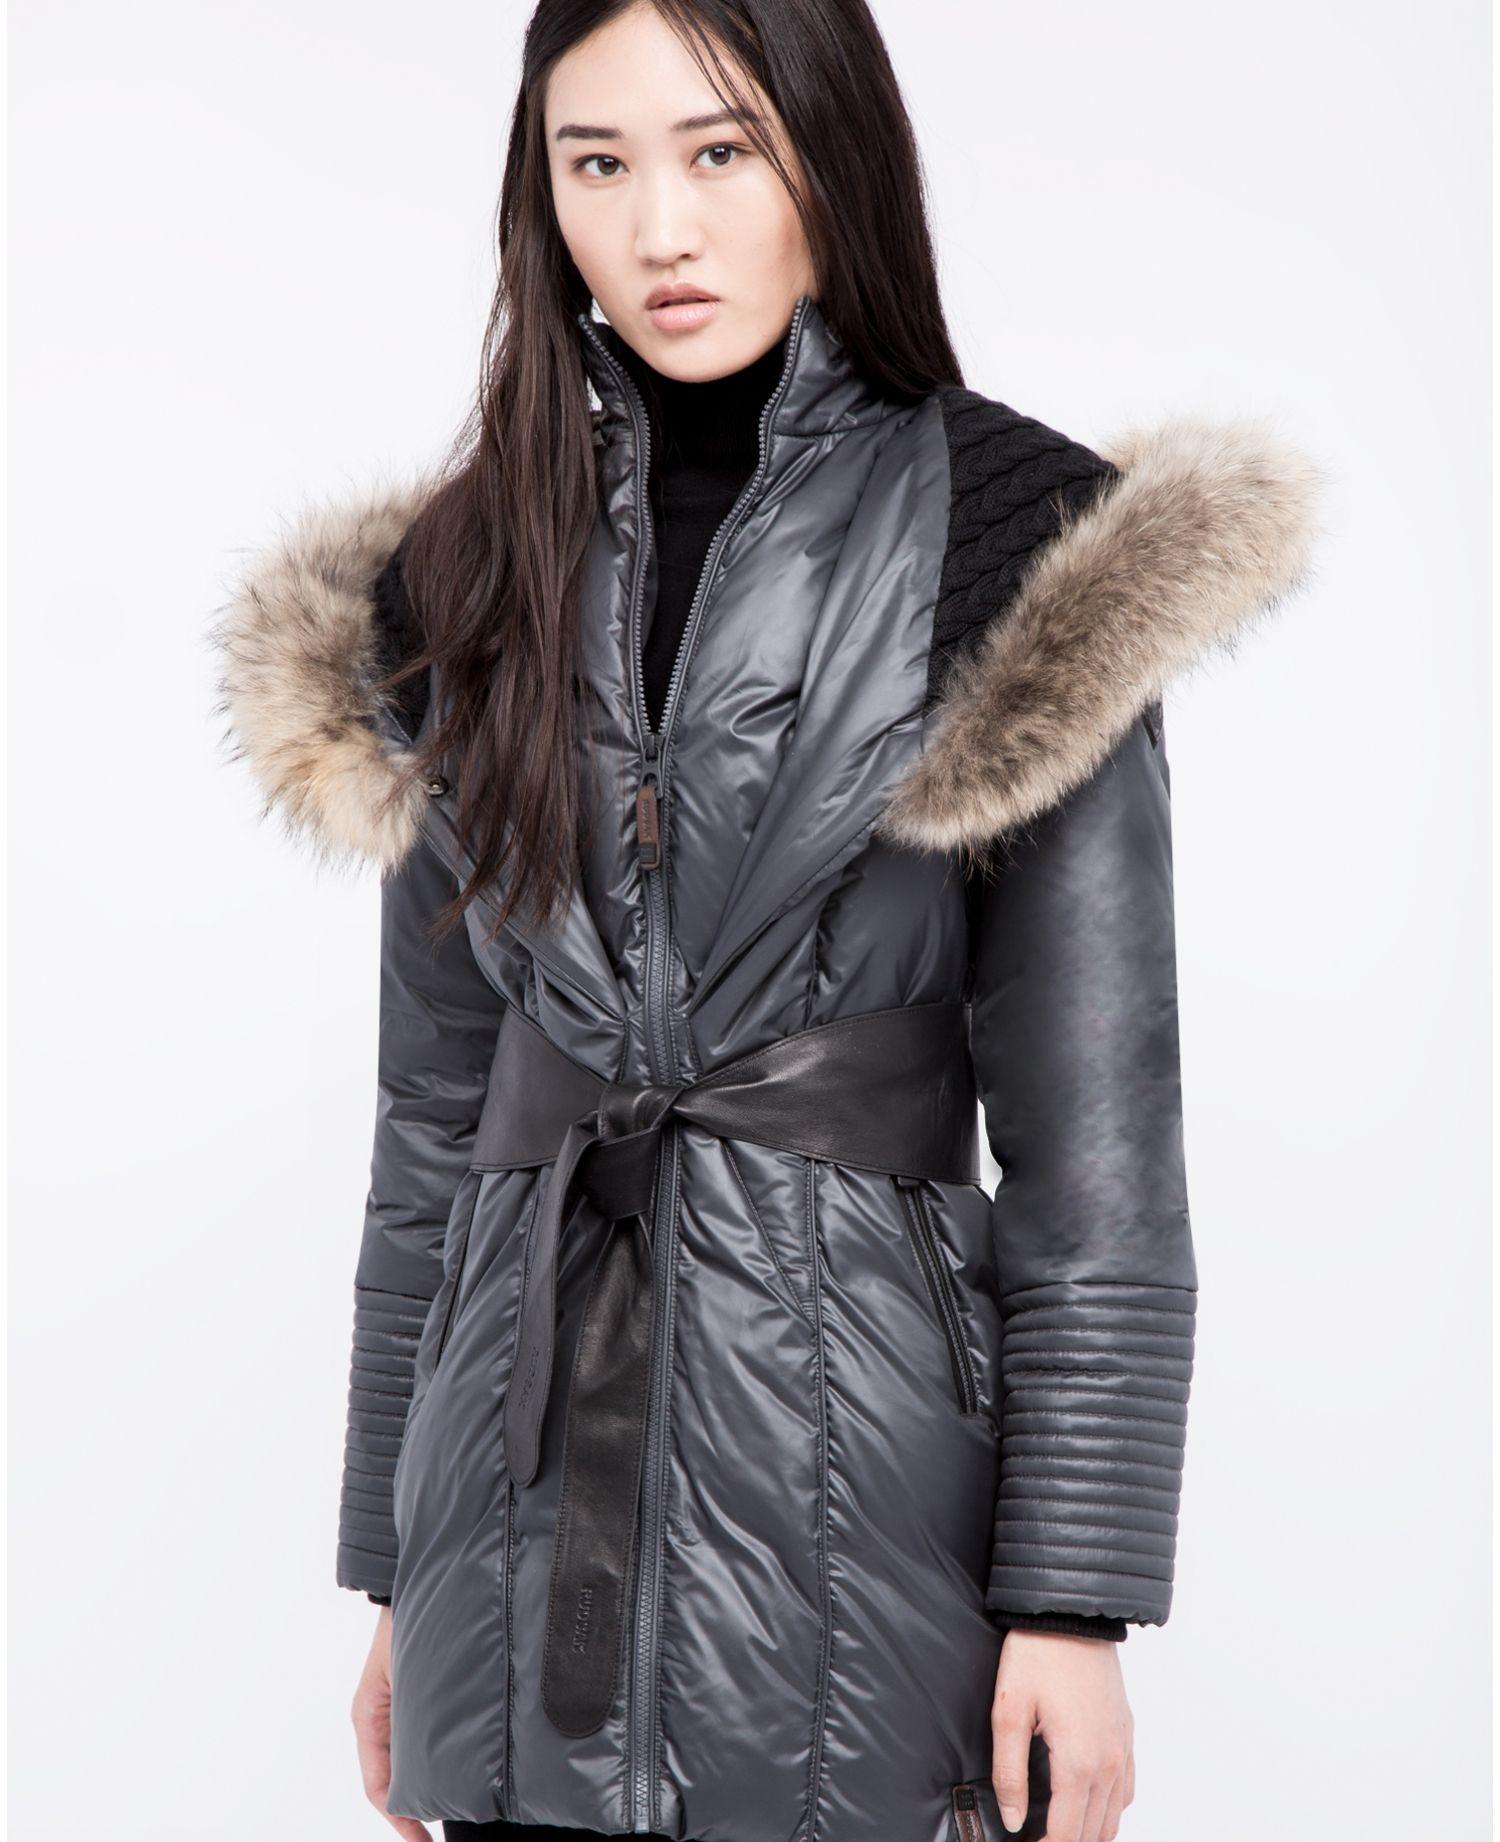 manteaux femme rudsak